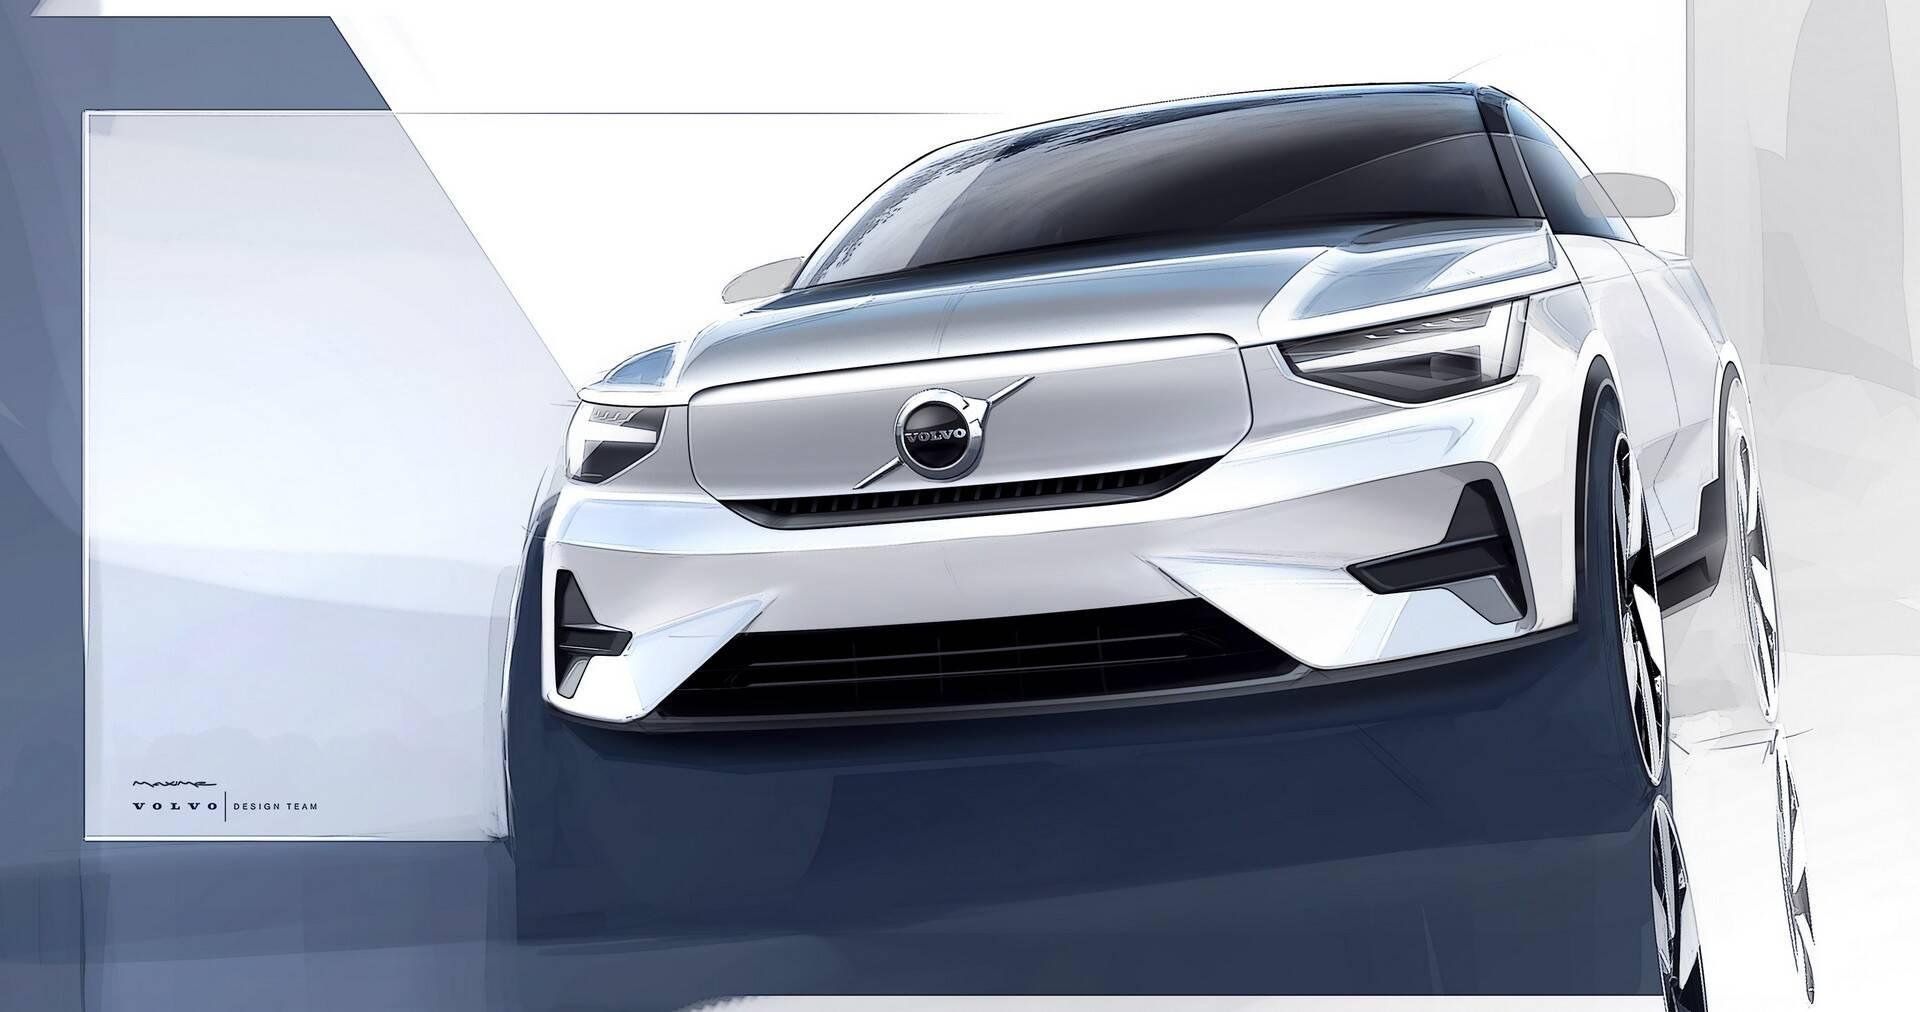 É provável que o novo veículo seja um crossover do segmento B que poderia adotar o nome XC20 ou XC30.. Foto: Divulgação